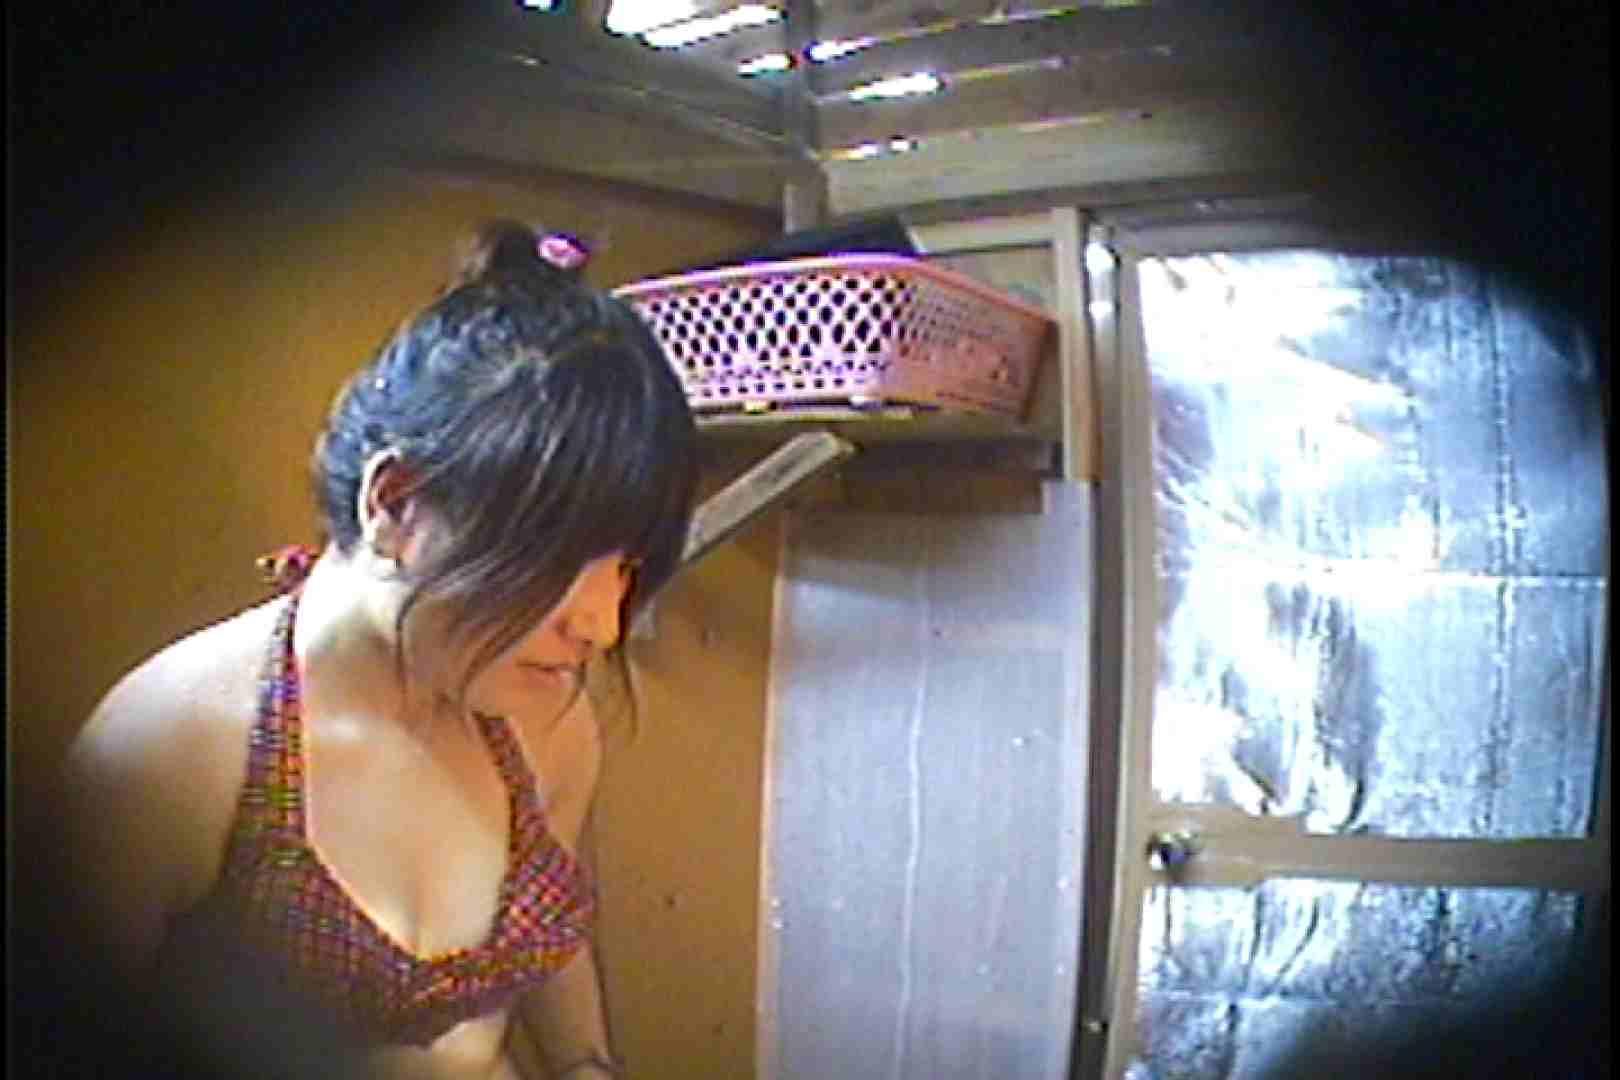 海の家の更衣室 Vol.37 OL | シャワー中  55連発